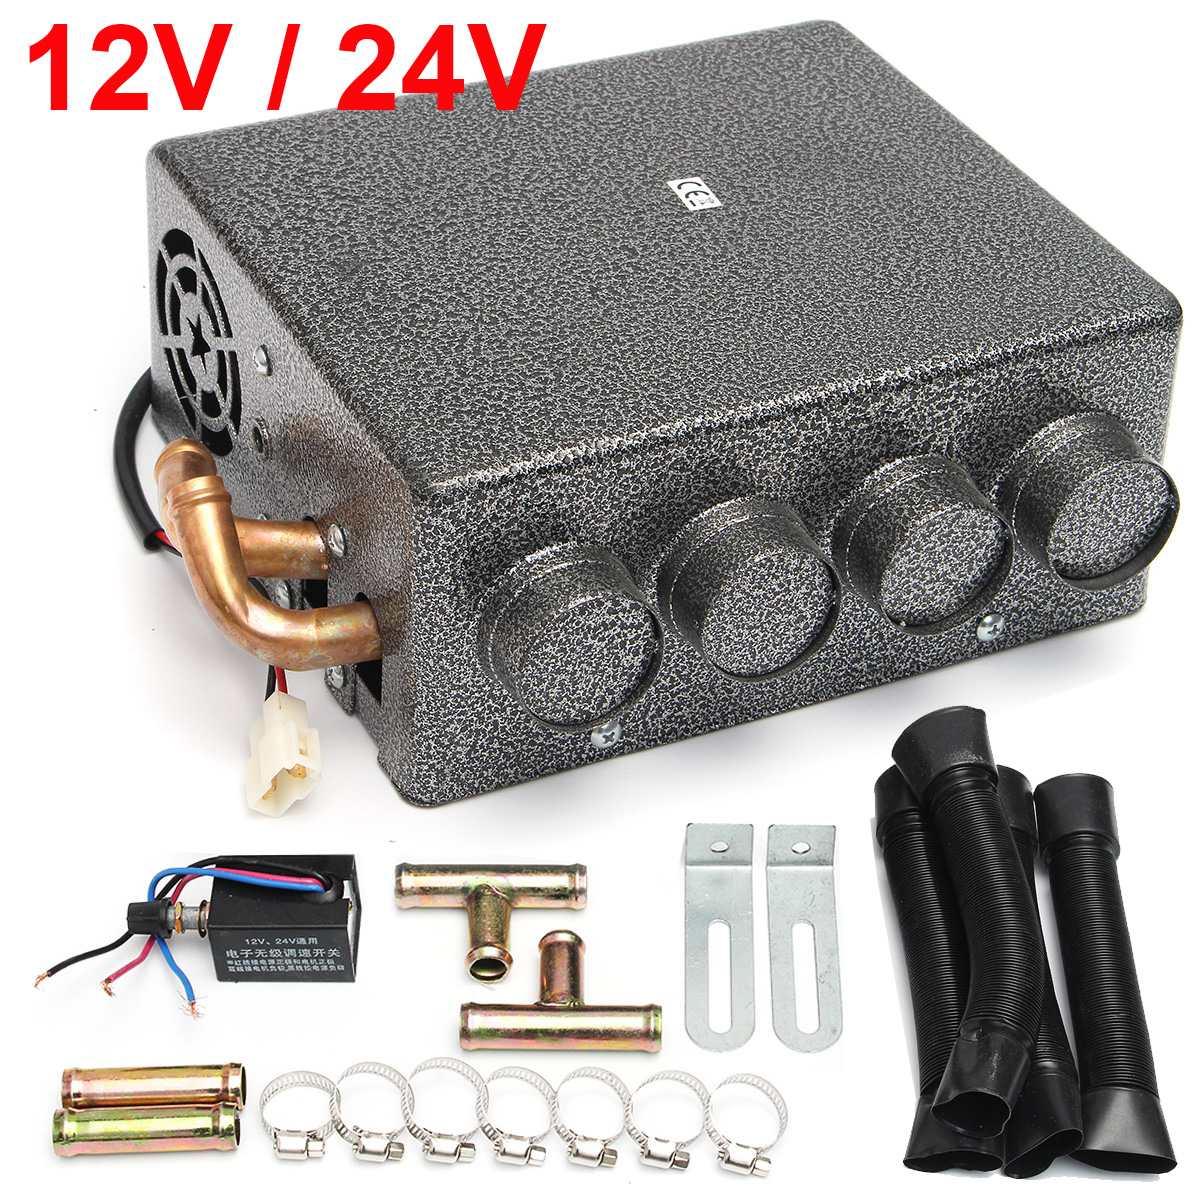 Nouveau DC 12 V/24 V 4 Ports voiture véhicule cuivre fer chauffage supports de montage Set voiture sous-tableau Compact chauffage + interrupteur de vitesse